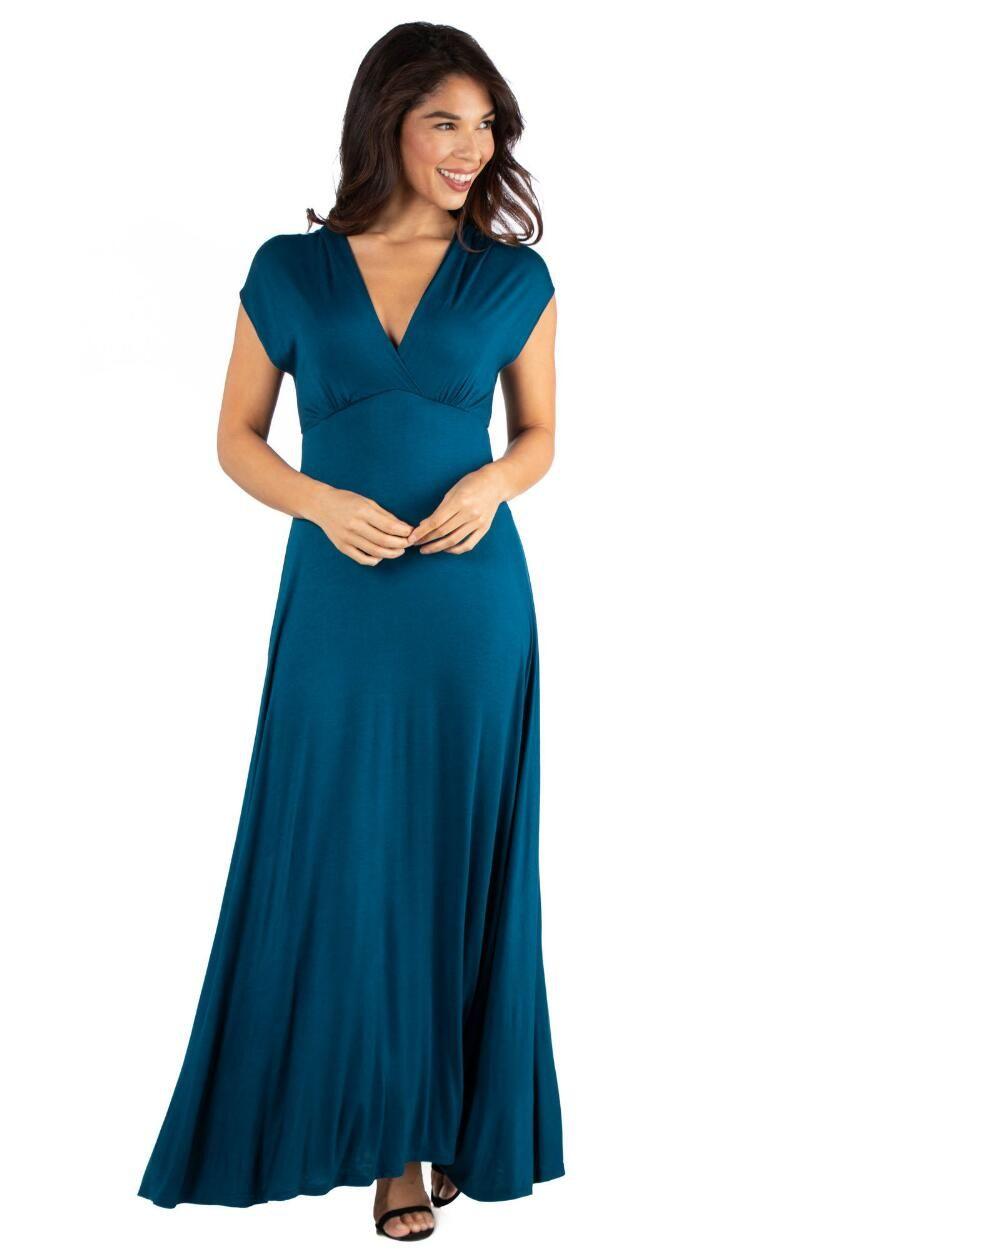 24seven Comfort Apparel Empire Waist V Neck Maxi Dress S Rayon Maxi Dress Occasion Maxi Dresses Empire Waist Dress [ 1250 x 1000 Pixel ]